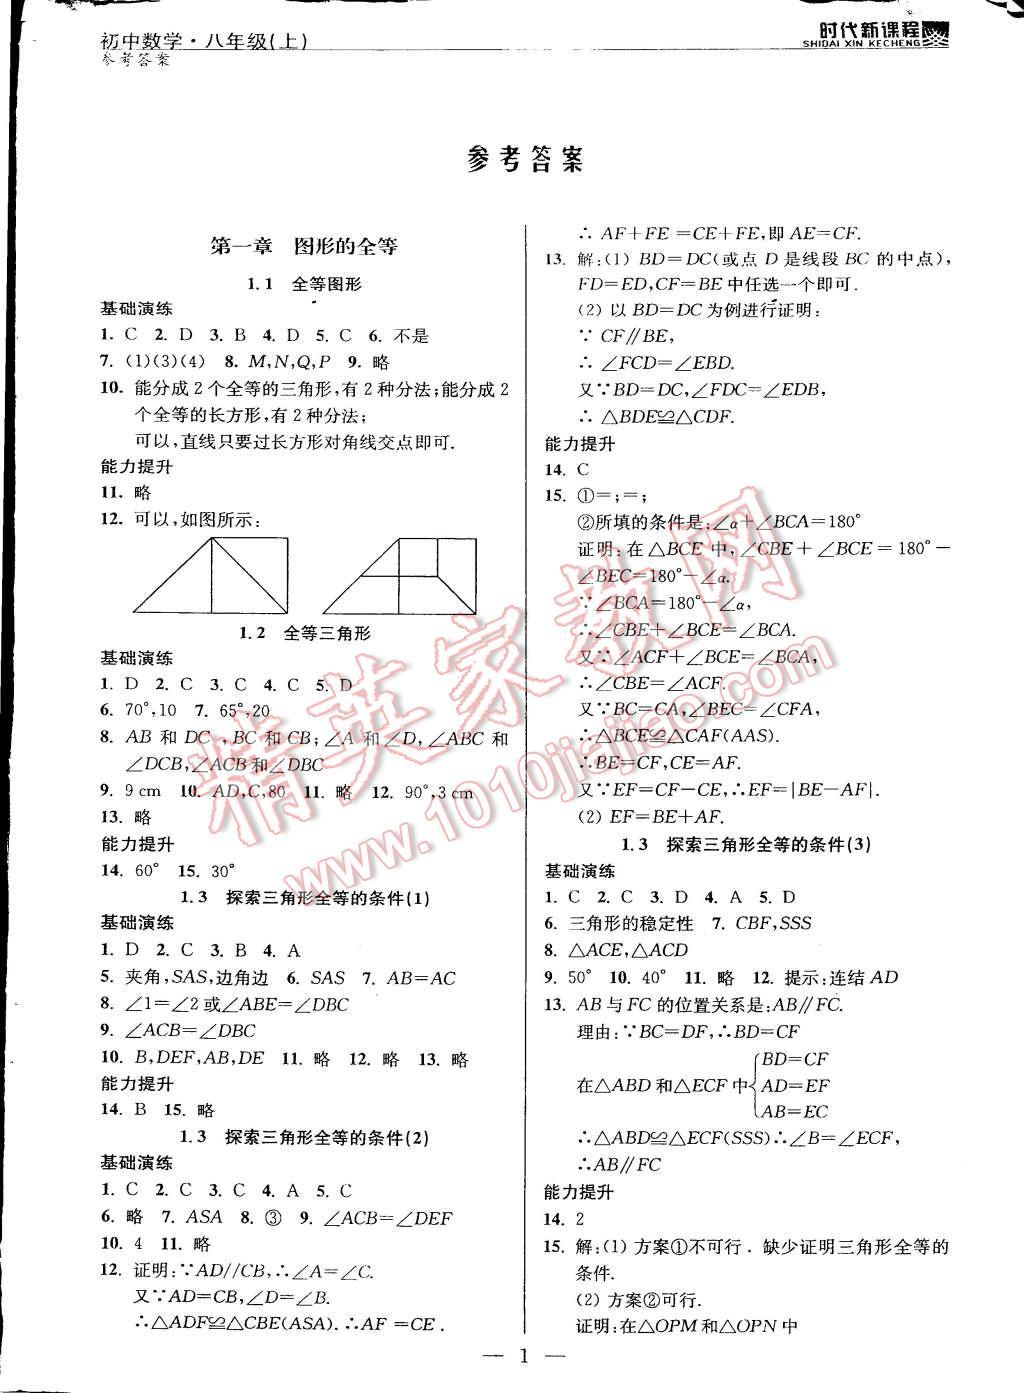 2014年时代新课程初中数学八年级上册第1页